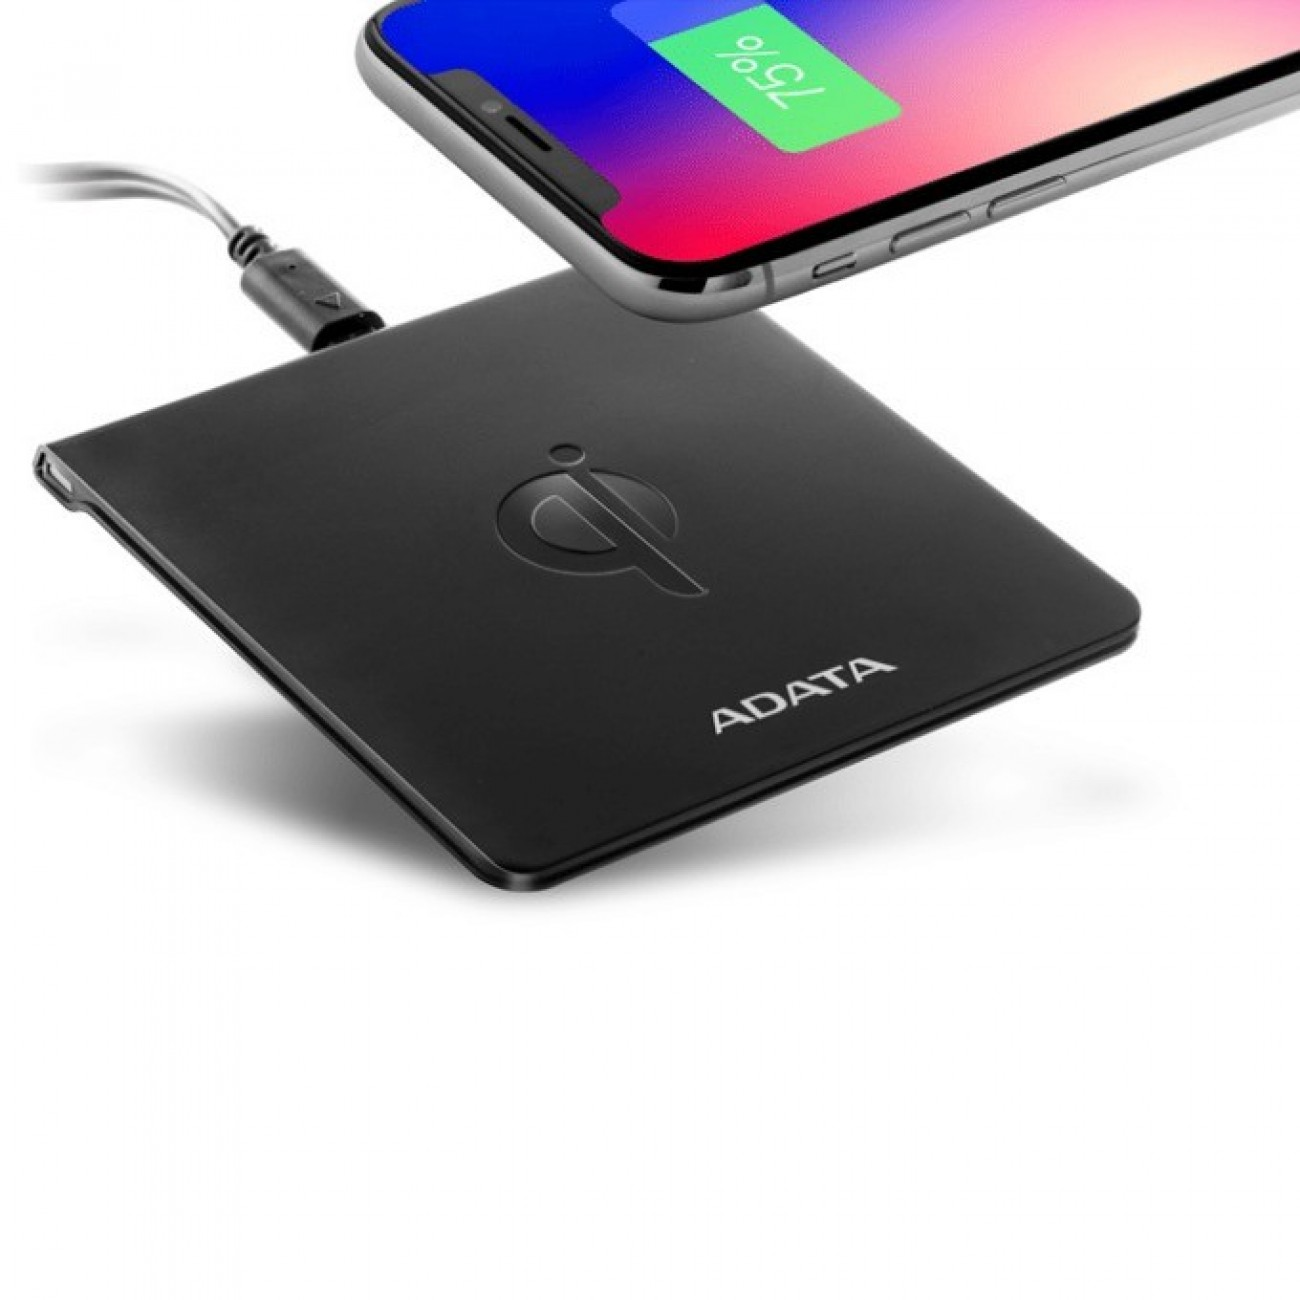 Зарядно устройство Adata CW0050, Micro USB (5V/2A) към безжично зареждане 5V/1A, черно в Зарядни устройства за батерии - A-Data | Alleop